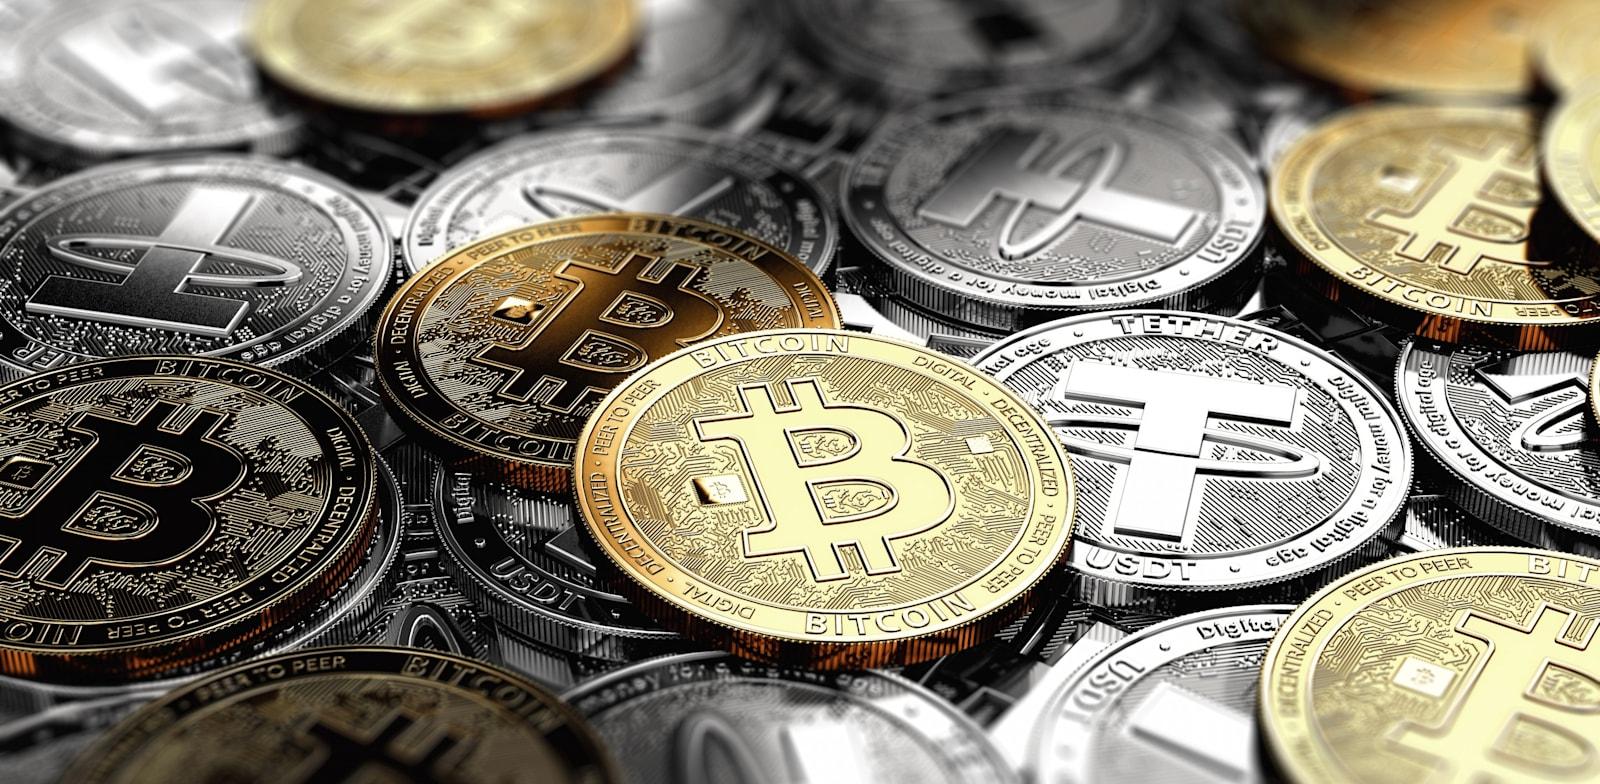 מטבעות קריפטו. אין כל דרך לדעת כמה קטינים מחזיקים כעת בארנקים דיגיטליים / צילום: Shutterstock, 1maksim1